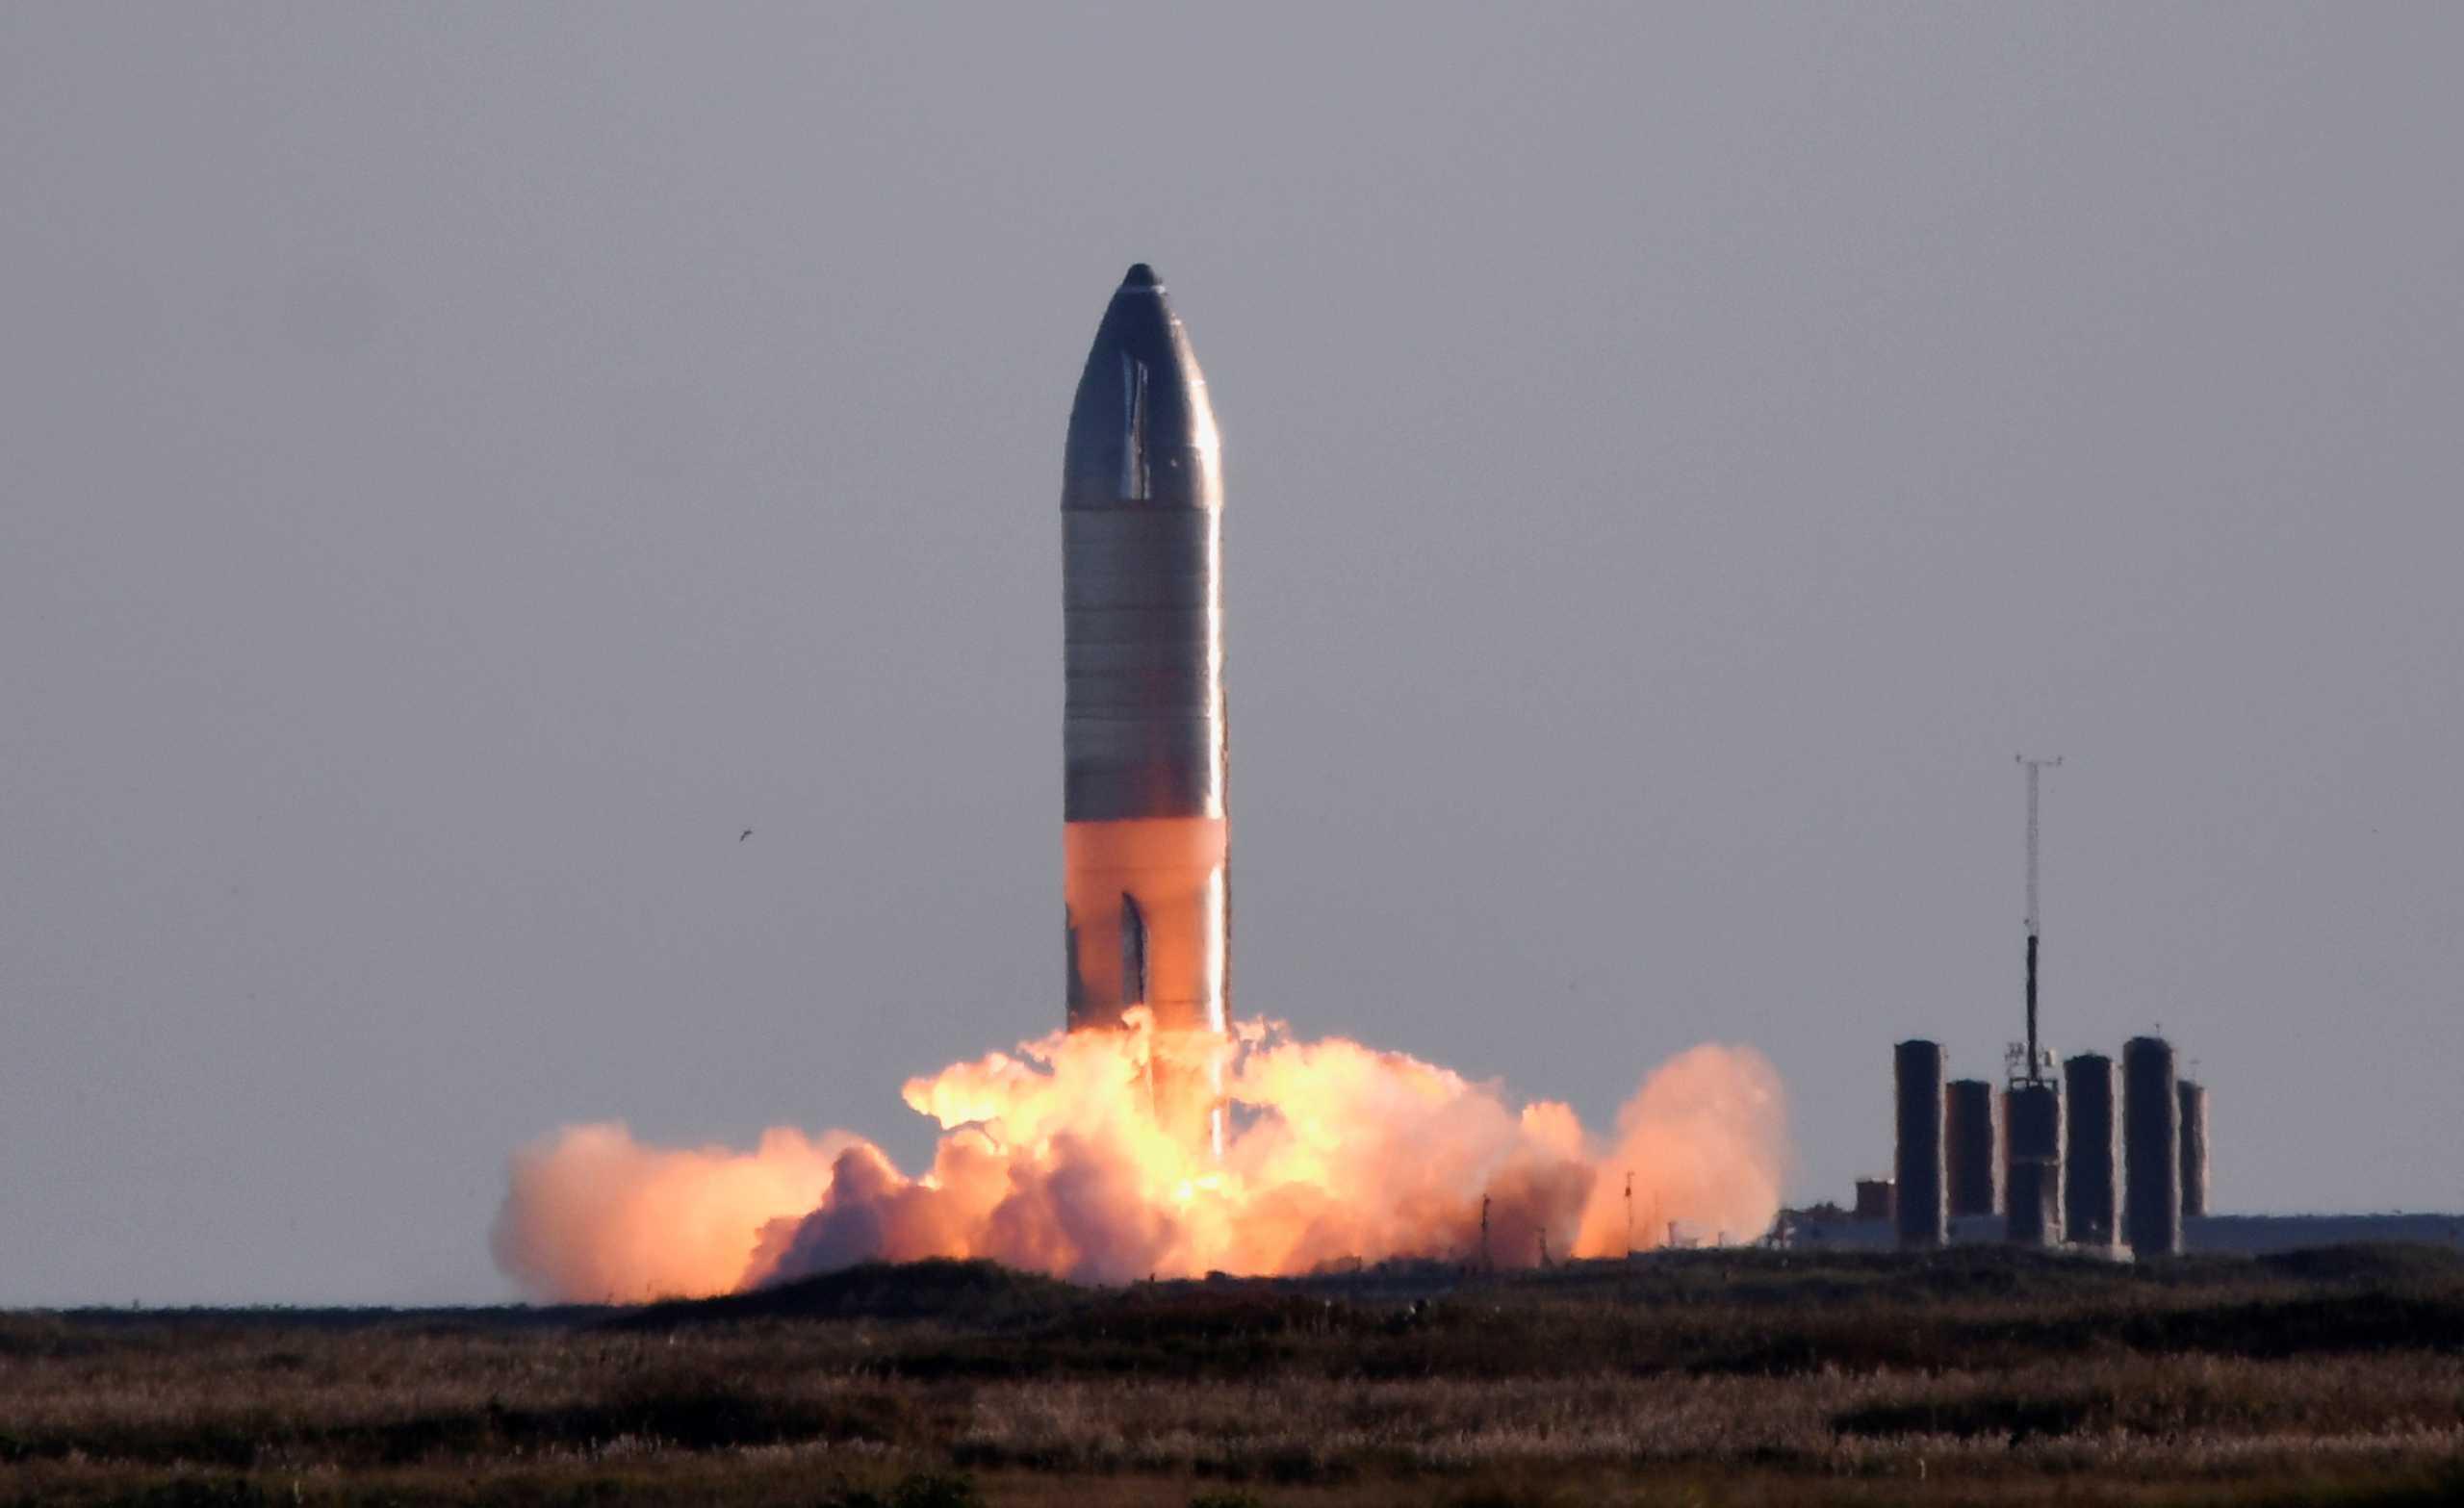 Η SpaceX… εκτοξεύτηκε στα 60 δισ. δολάρια